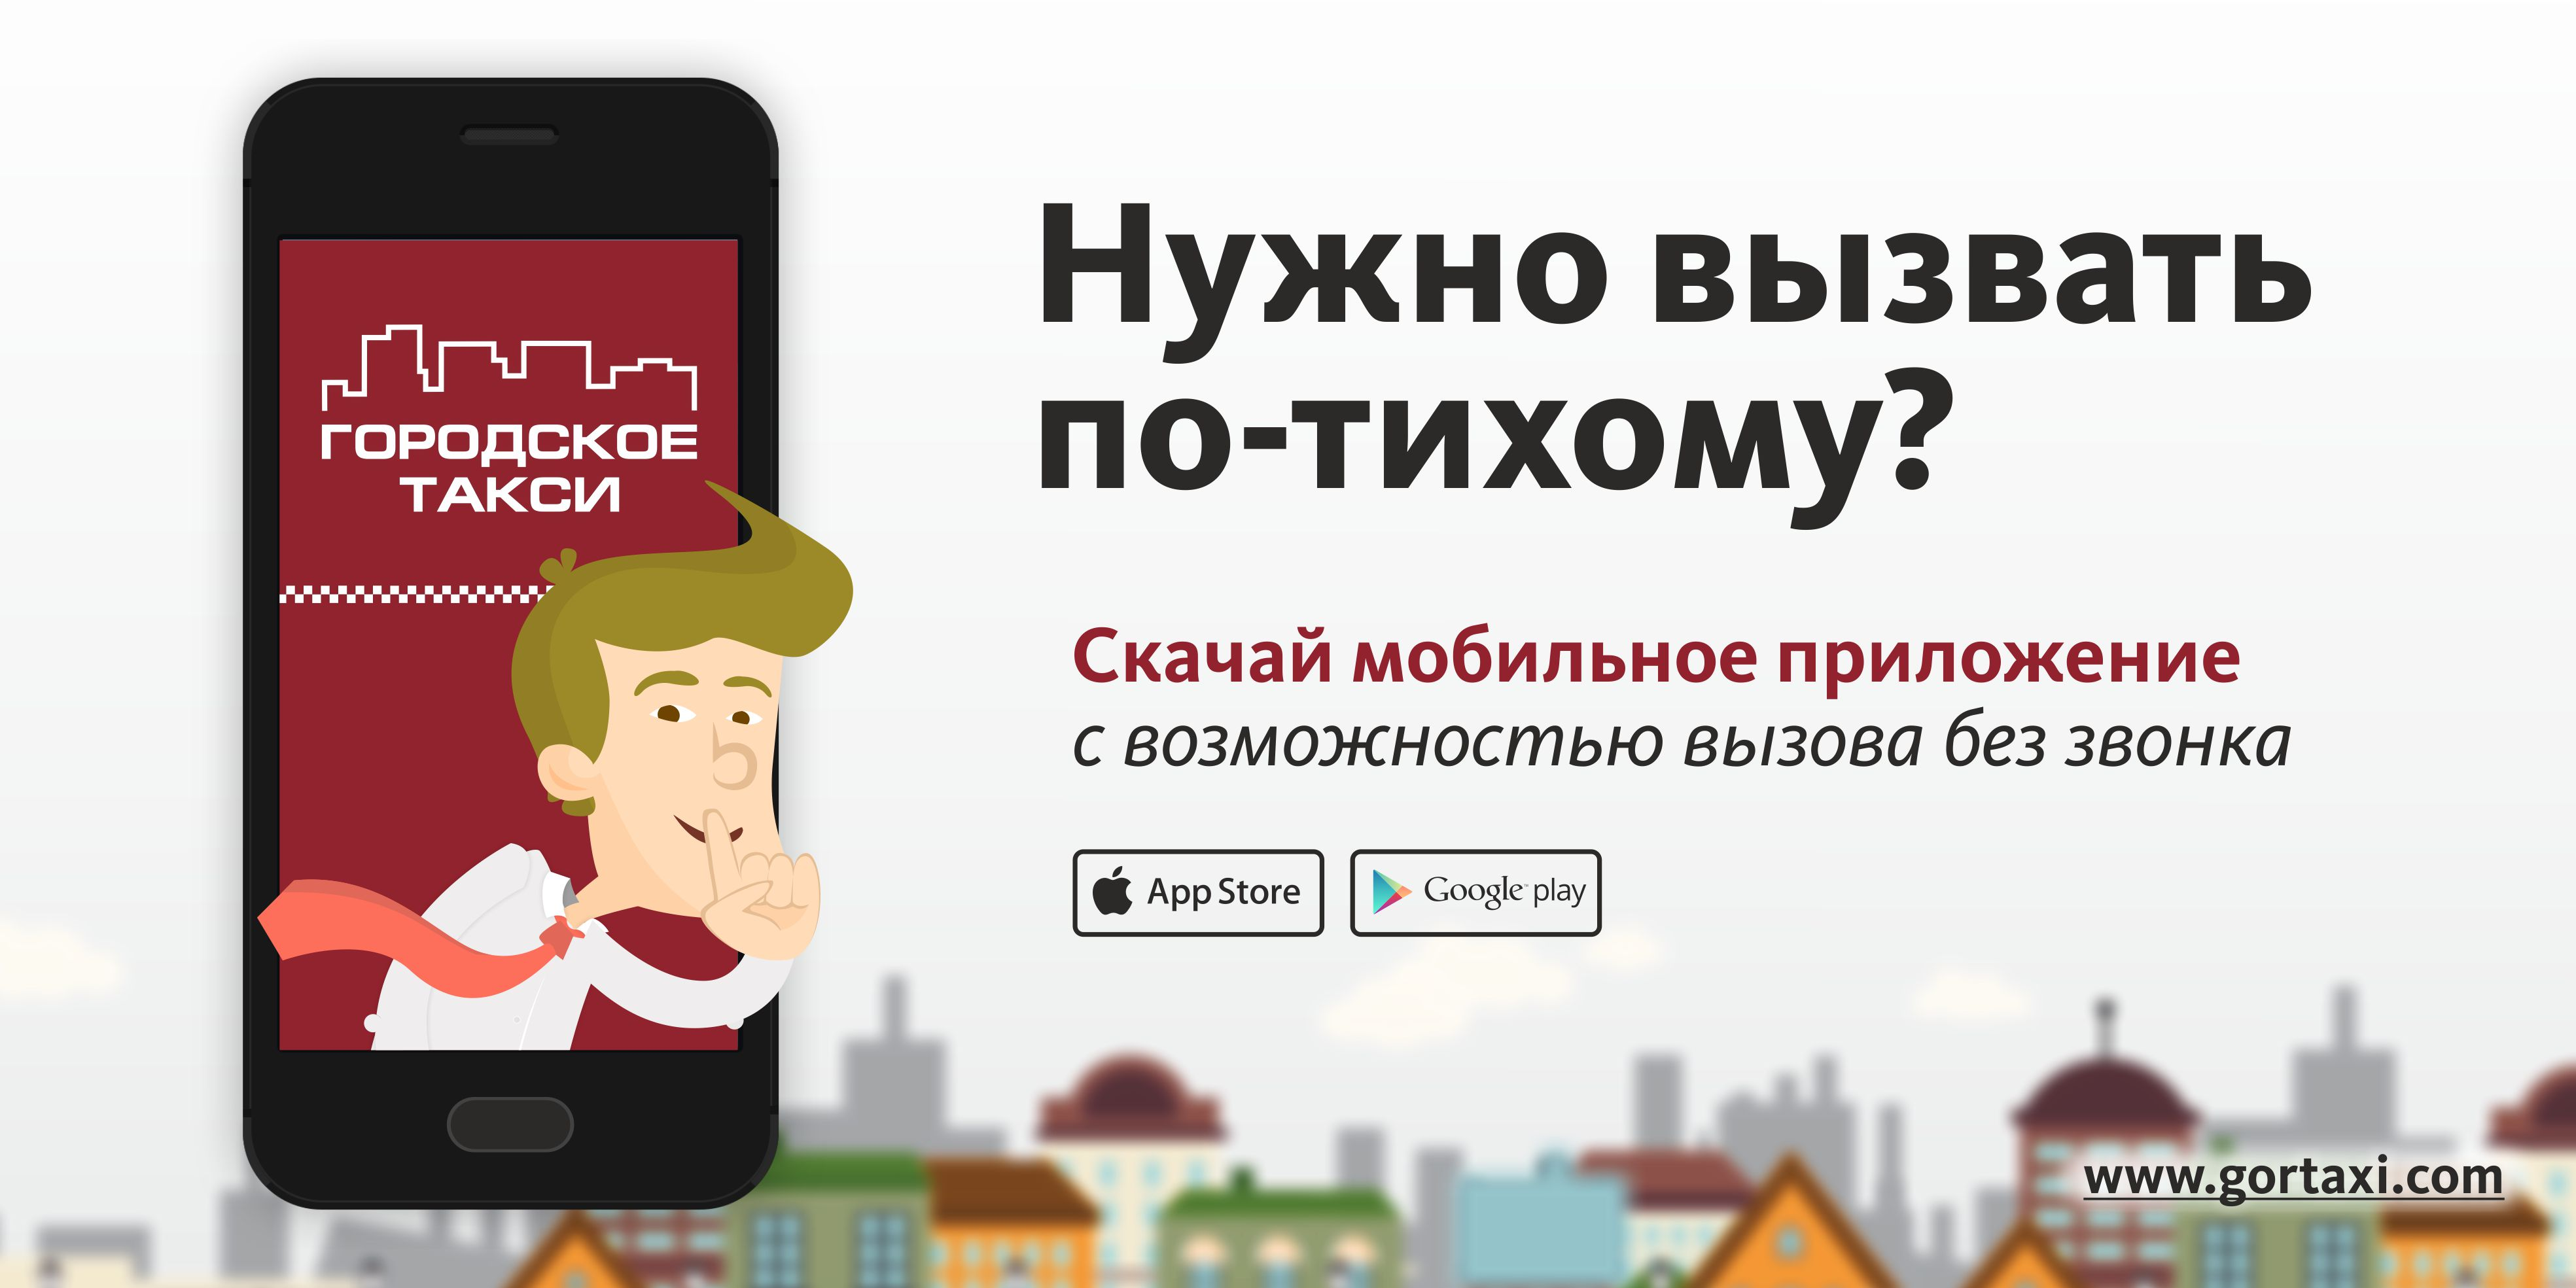 Работа В Такси Через Андроид